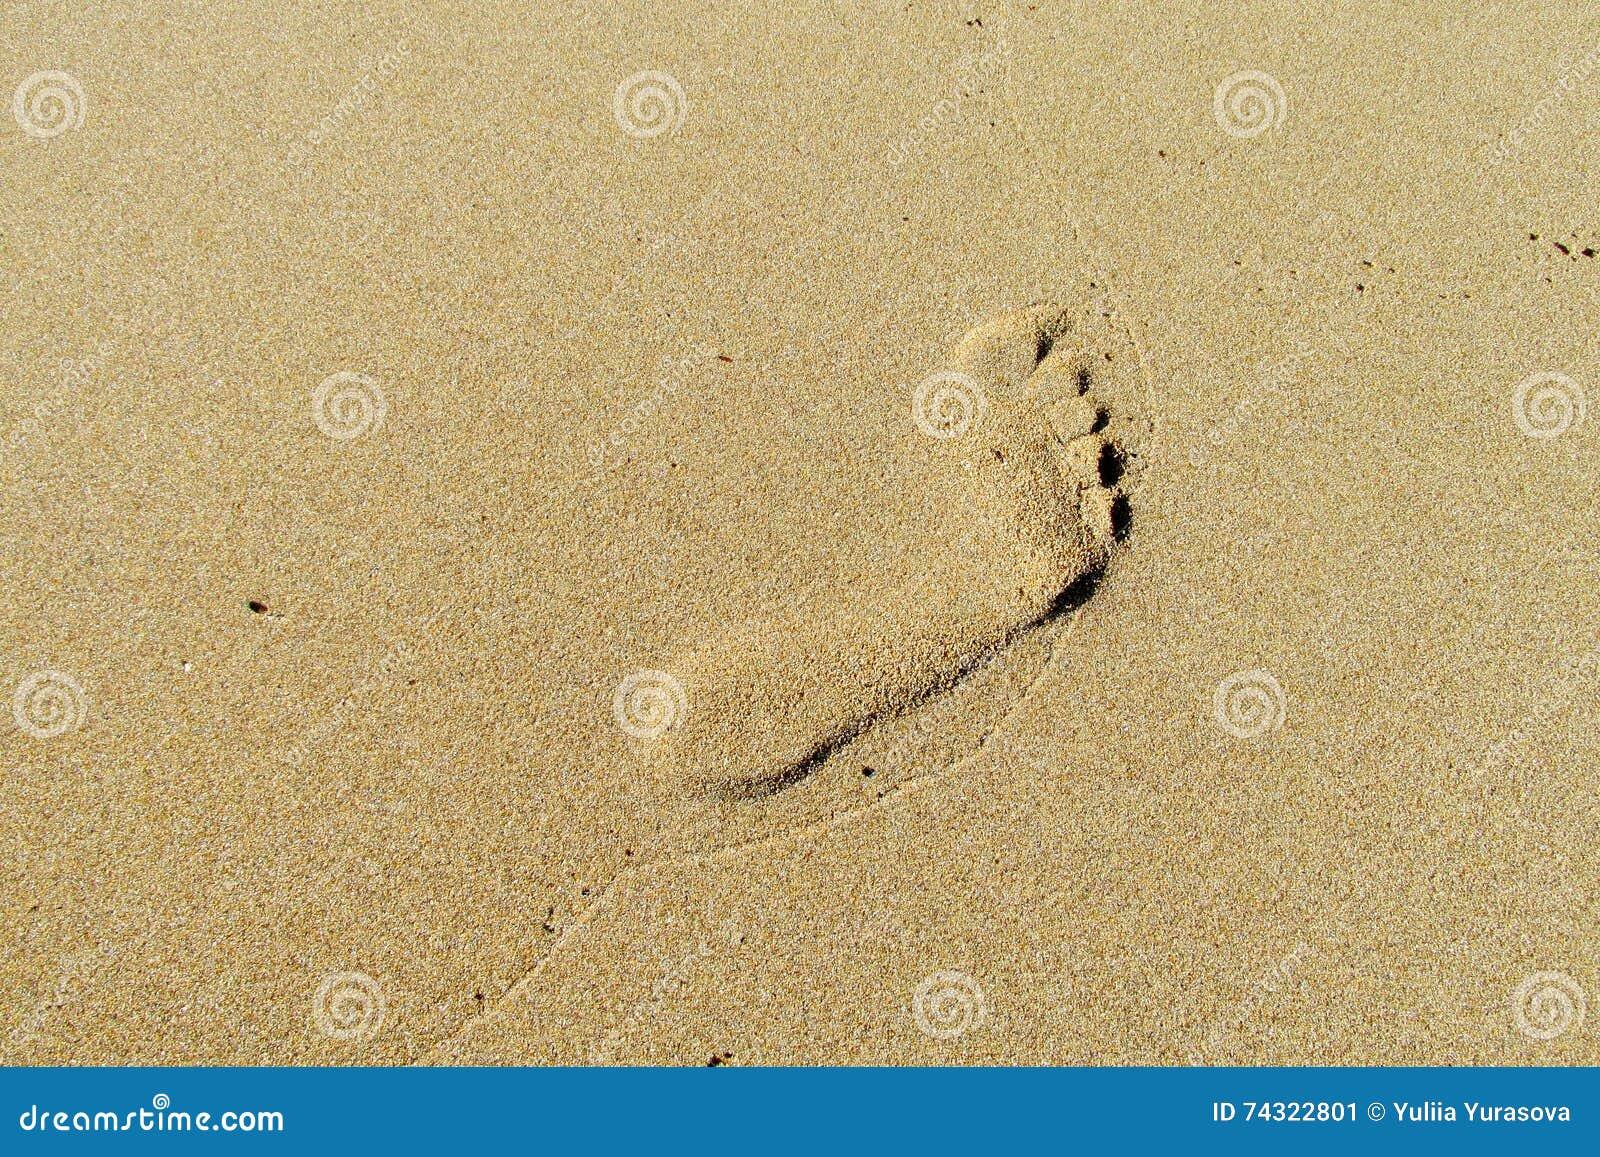 Fottryck på sand